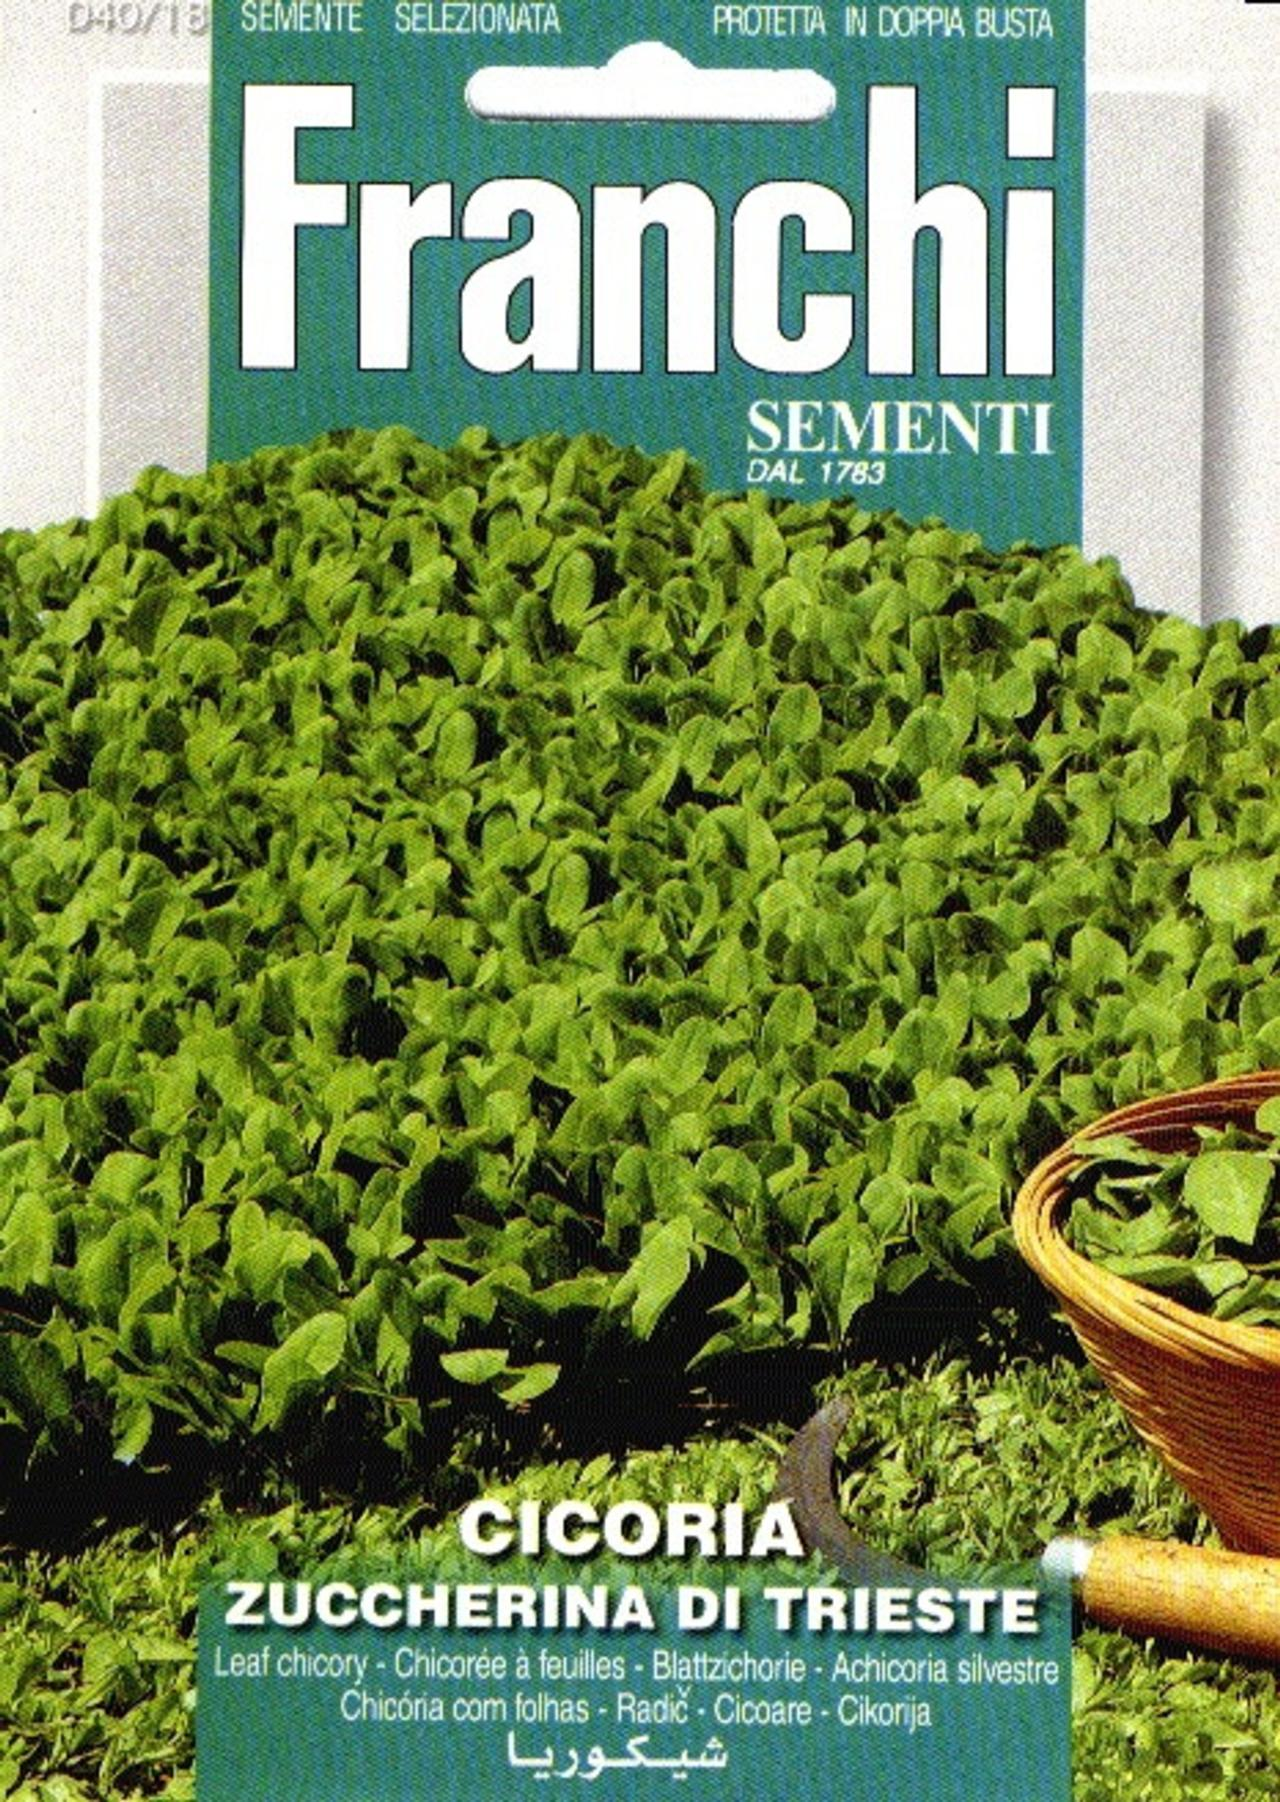 Cichorium intybus 'Di Trieste' plant